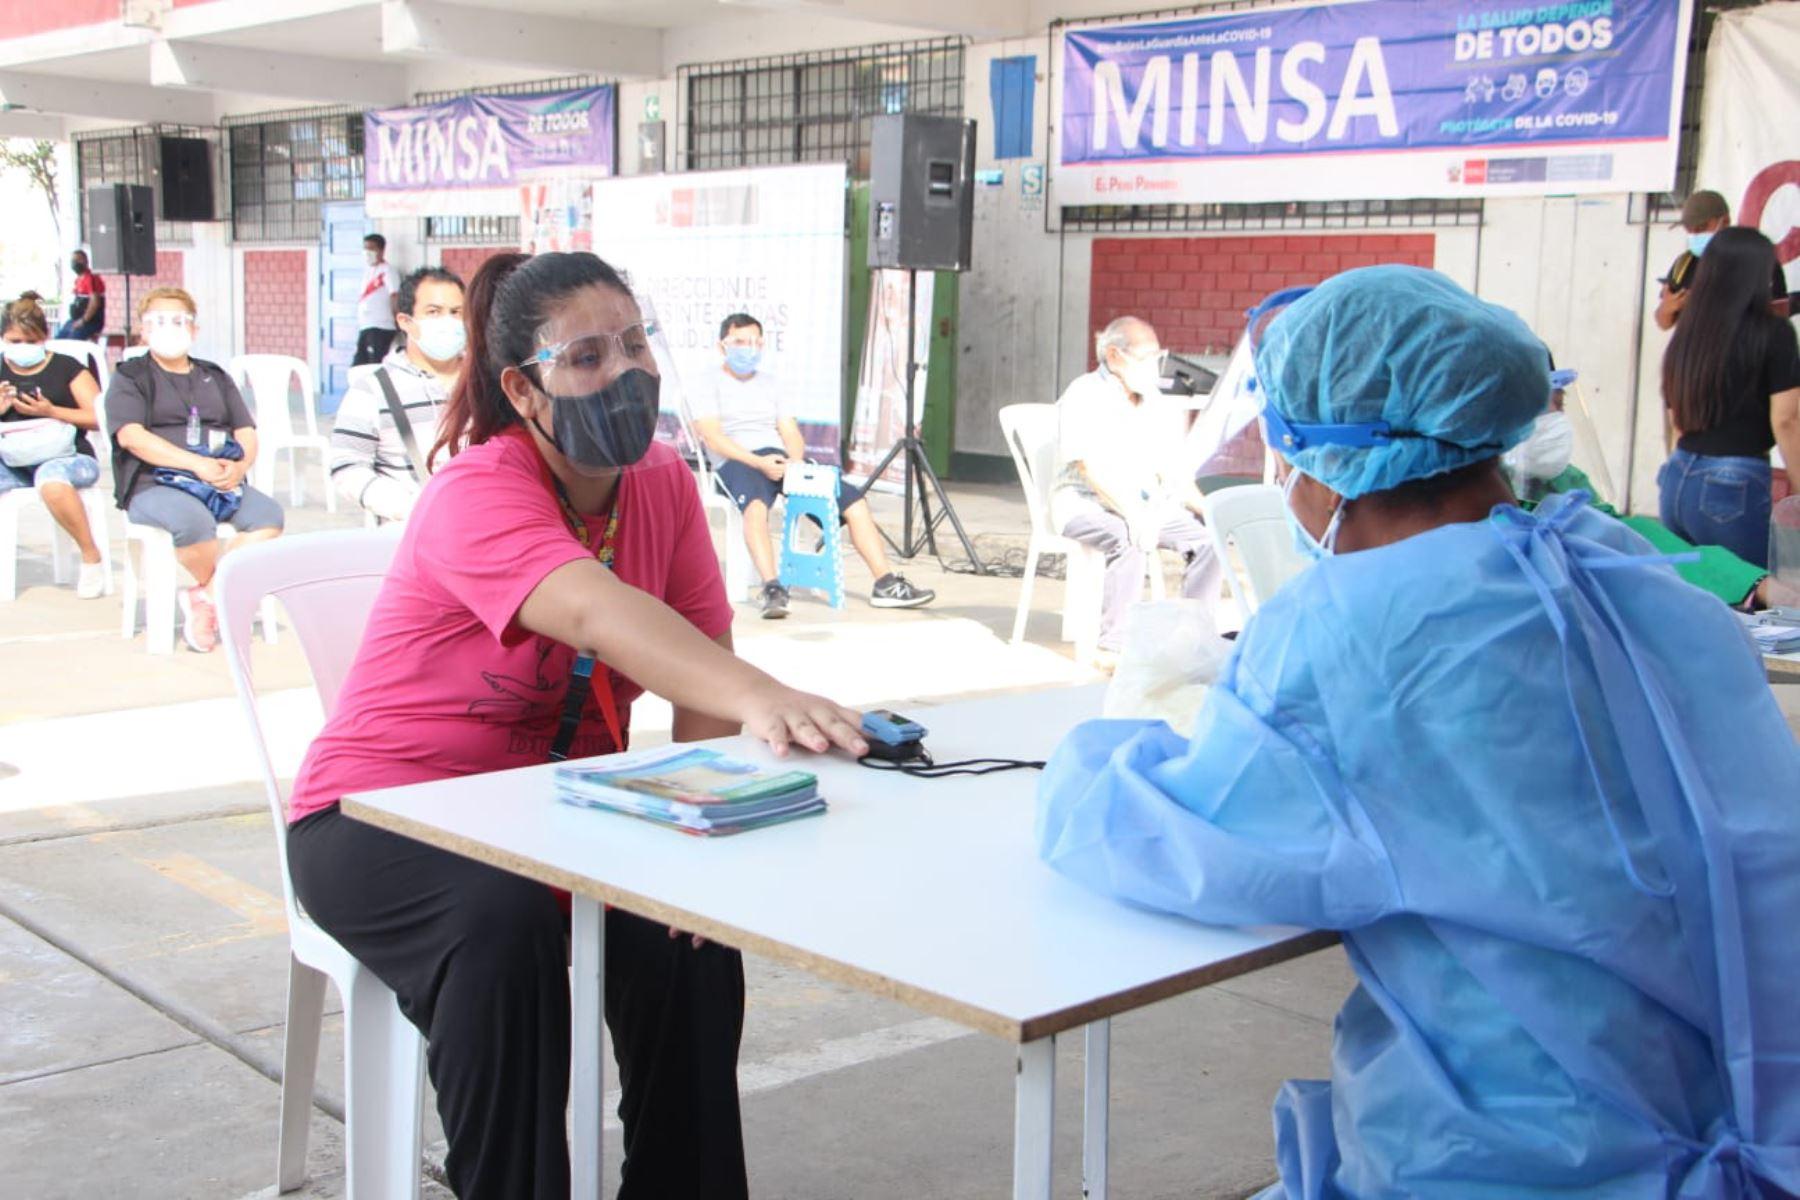 En Ate, personal del Ministerio de Salud realizó pruebas moleculares de diagnóstico covid-19 en el Centro Rápido de Atención Temporal, CRAT, instalado en la I.E. 1244 Micaela Bastidas. Foto: ANDINA/Minsa